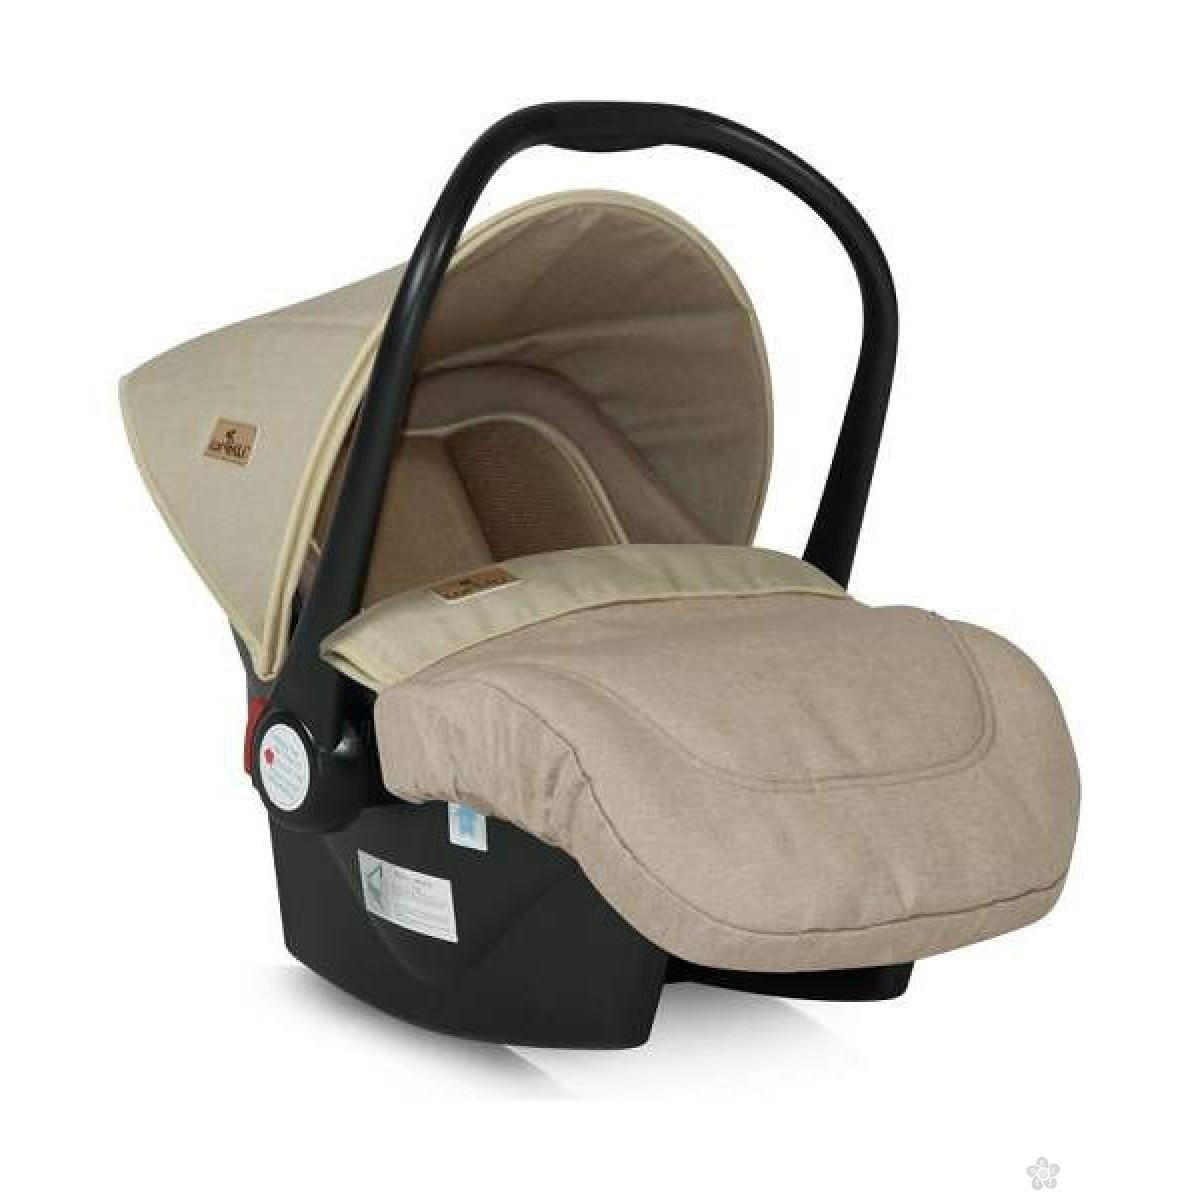 Auto Sedište Lifesaver Beige 0-13kg 10070301840